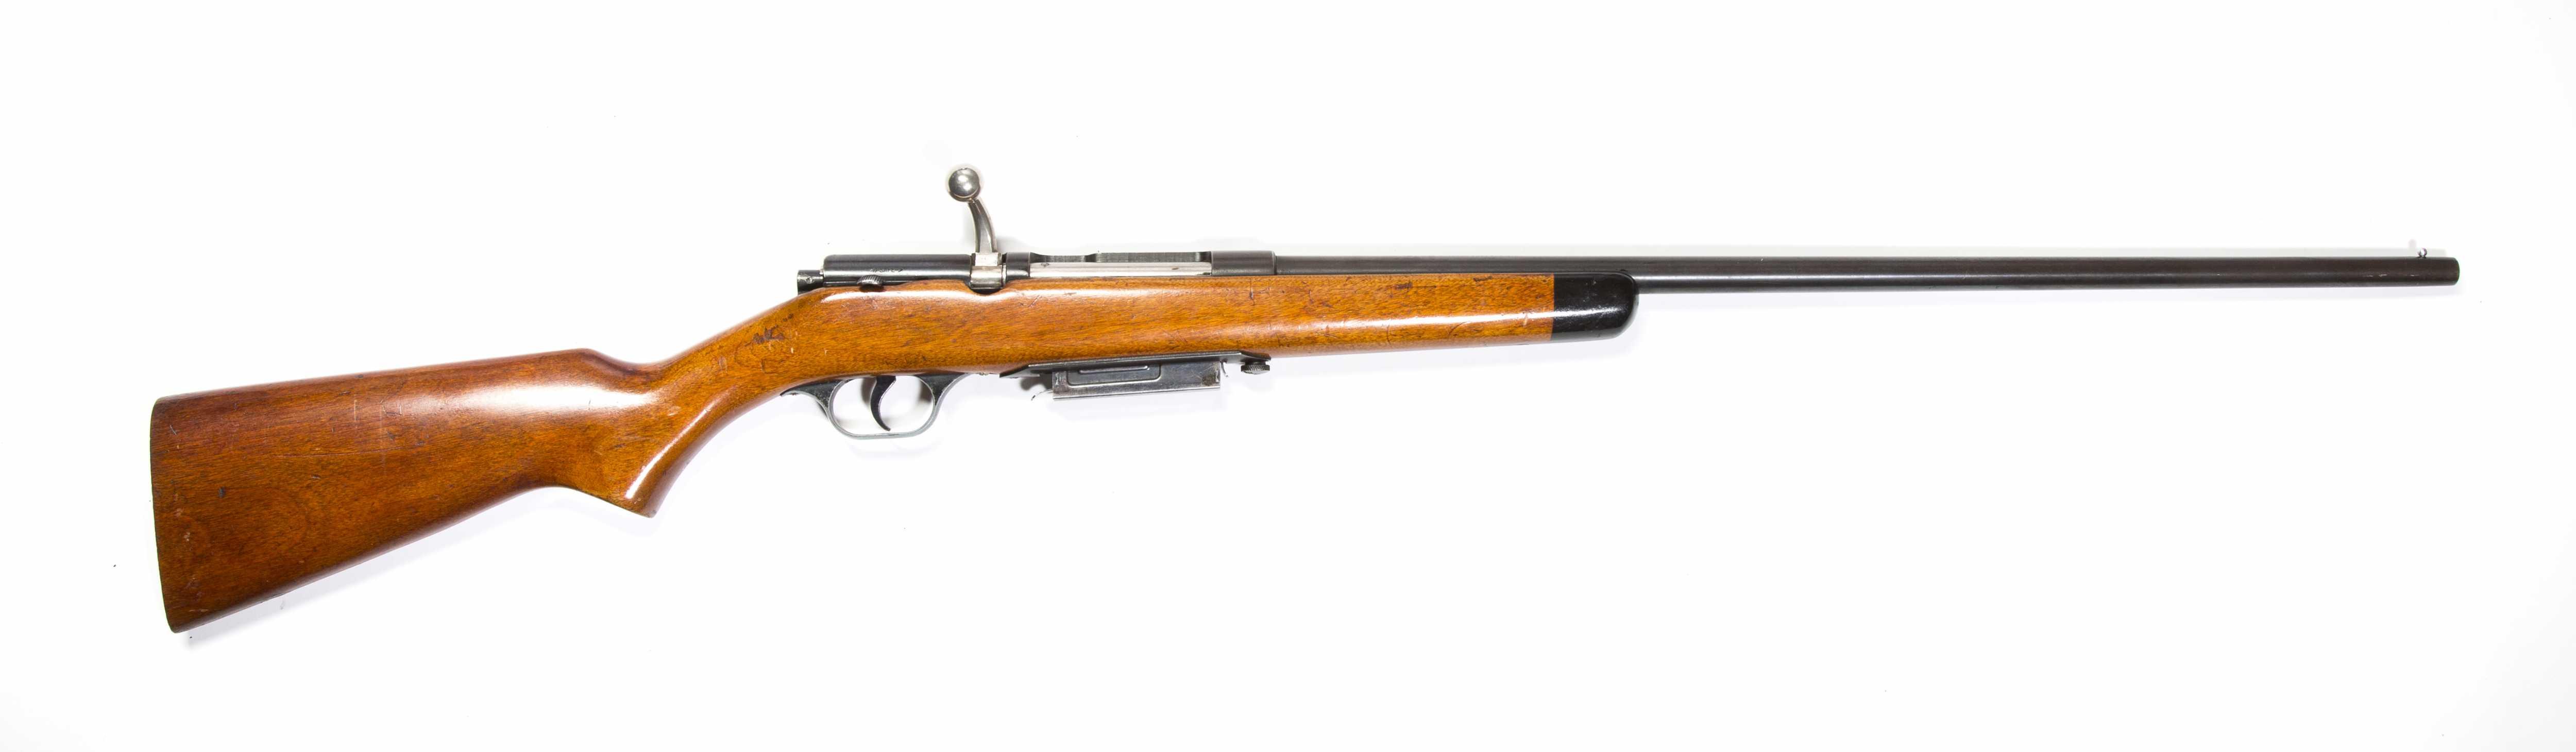 4 gauge shotgun